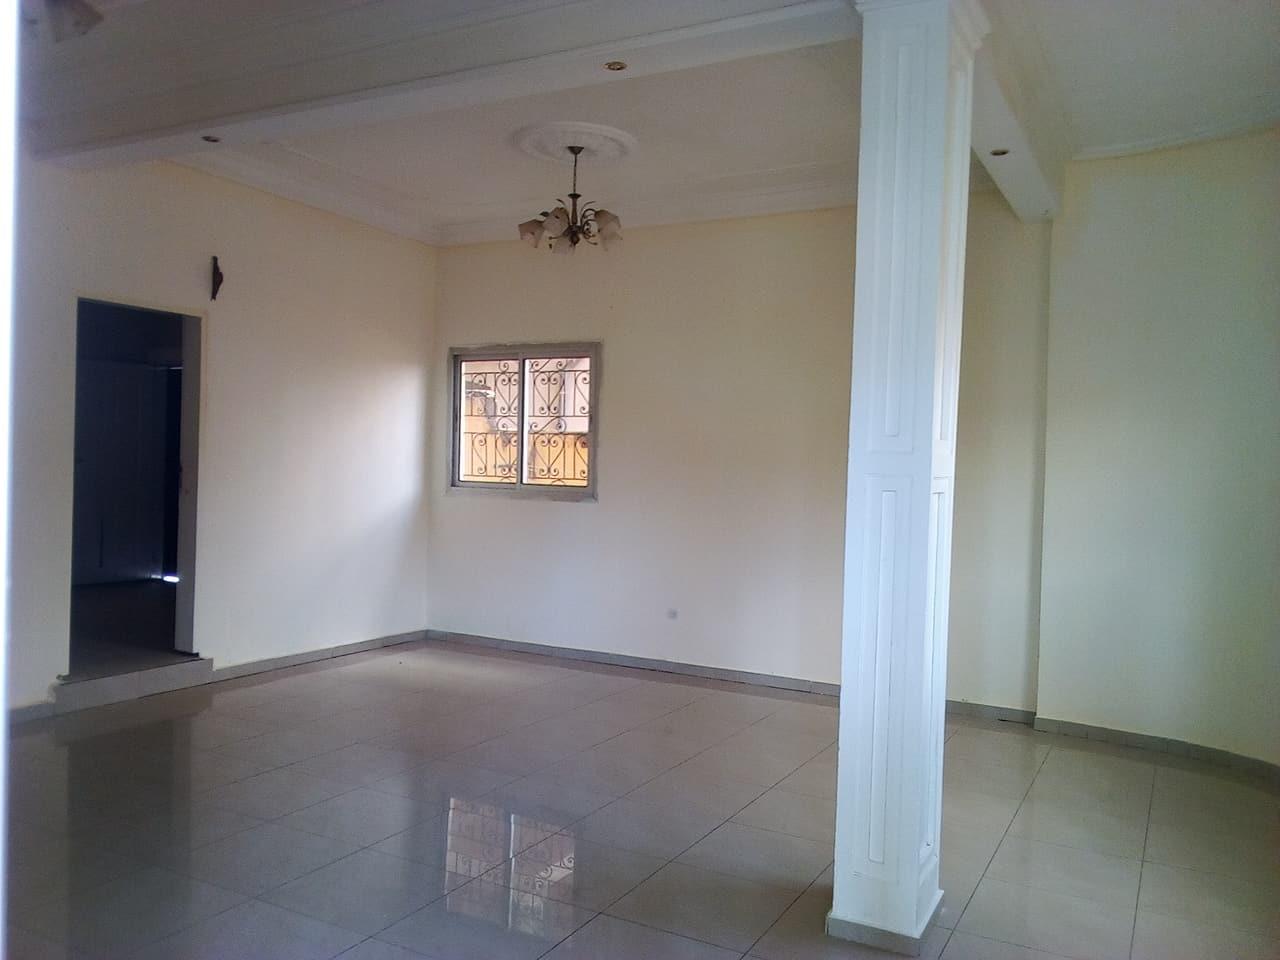 Appartement à louer - Yaoundé, Odza, CITEE  DE LA PAIX - 1 salon(s), 3 chambre(s), 2 salle(s) de bains - 150 000 FCFA / mois